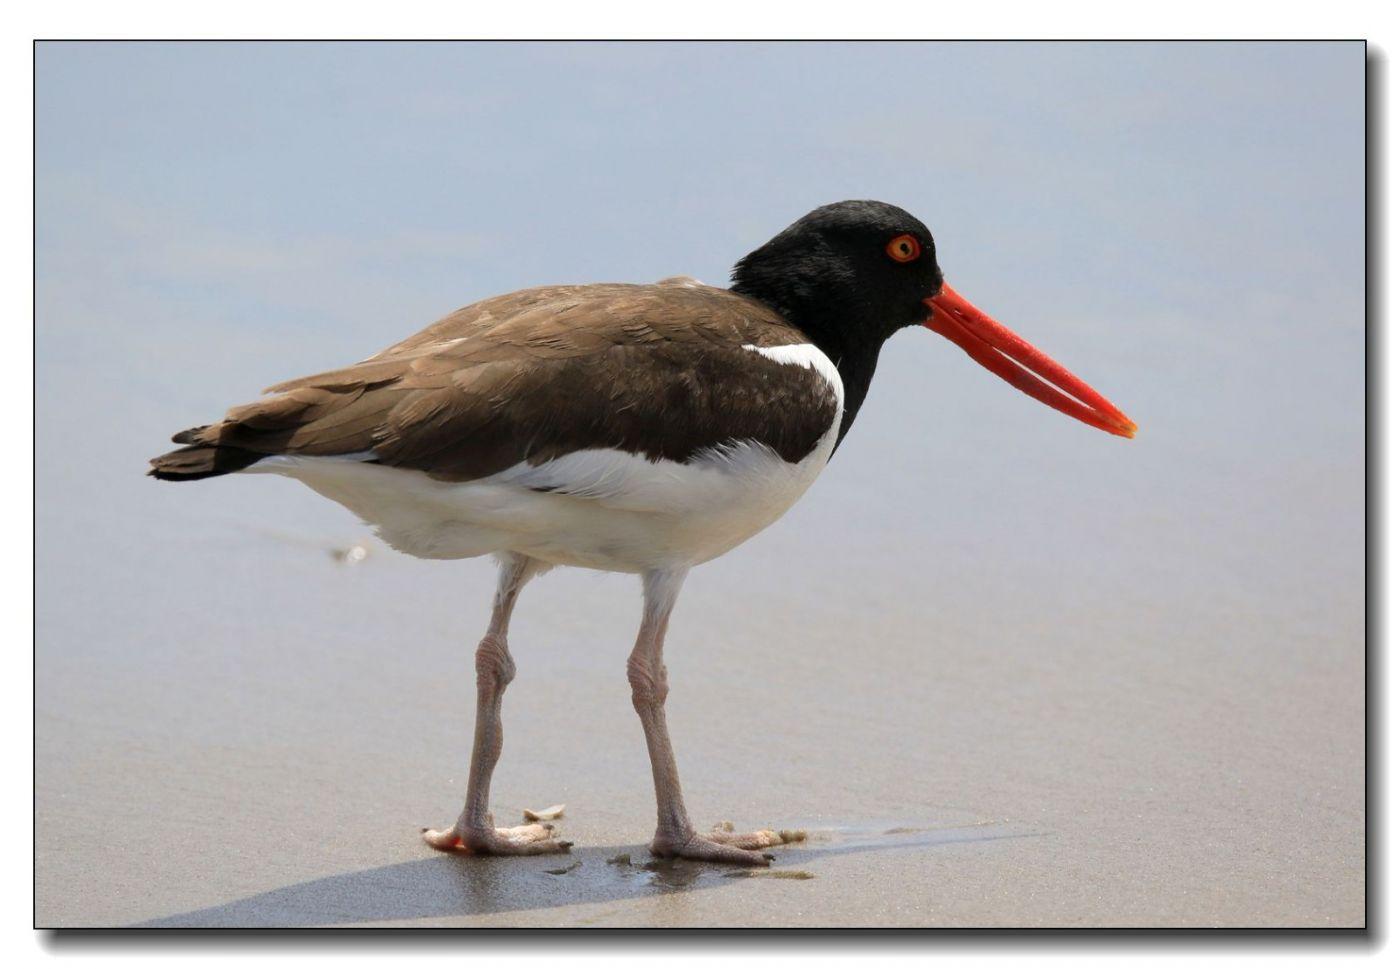 洛克威海滩拍鸟—励鹬_图1-5